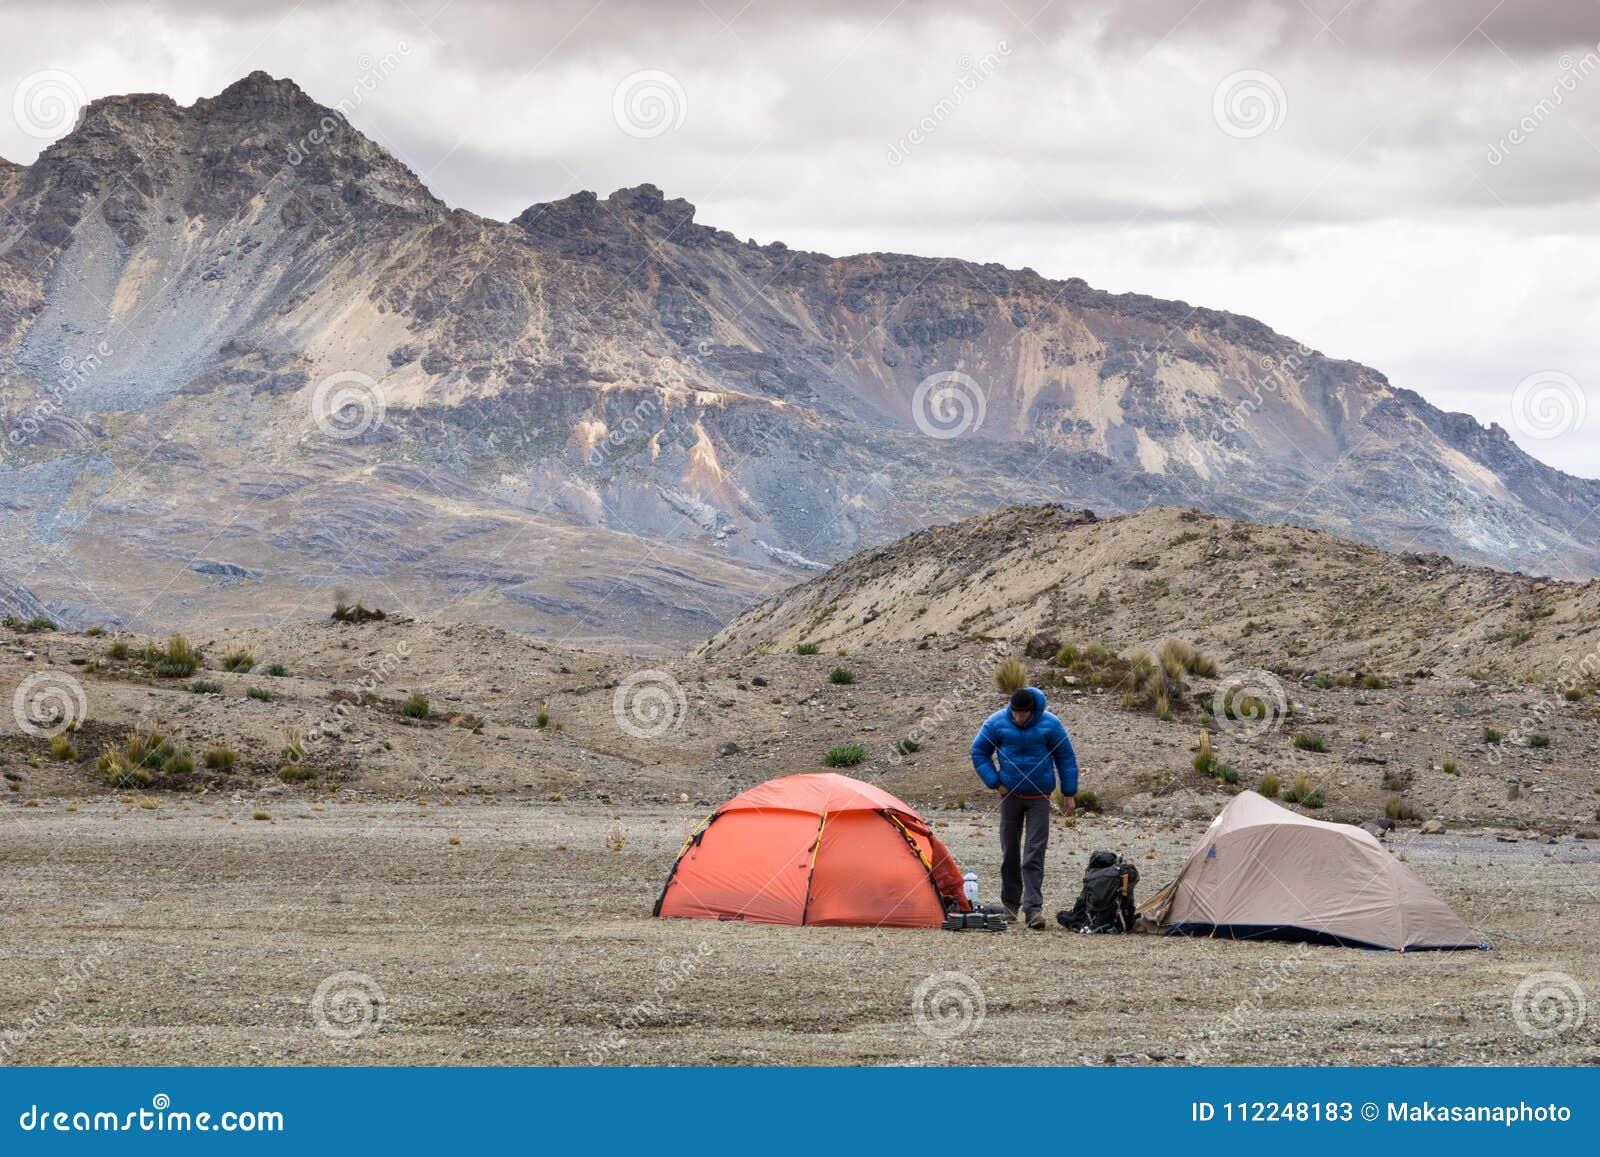 Ορειβάτης βουνών και δύο σκηνές σε μια μακρινή βάση στρατοπεδεύουν στο BLANCA οροσειρών